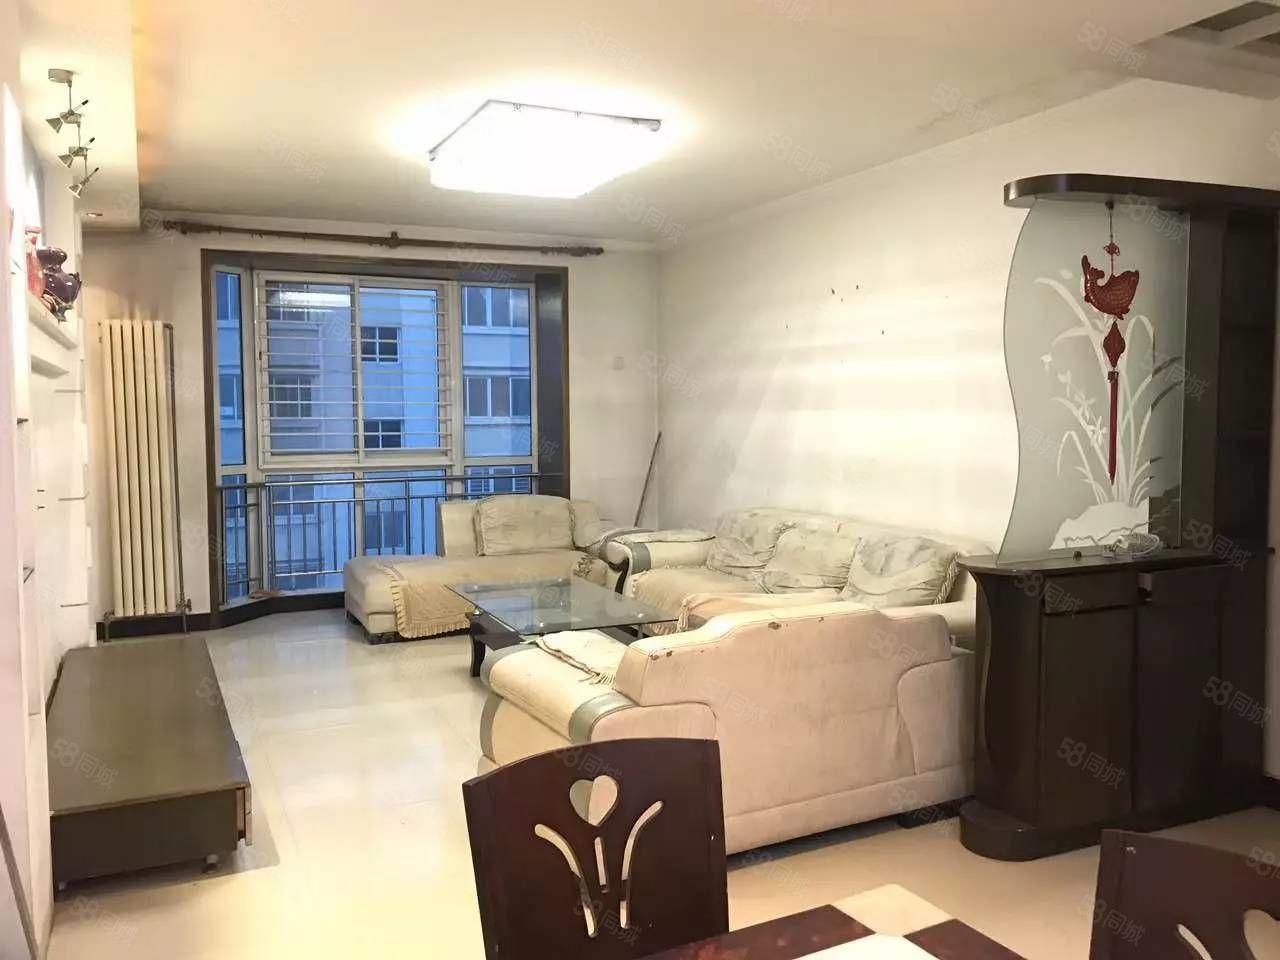 通泰路龙鑫苑素质住户南北通透三房仅售200万有钥匙